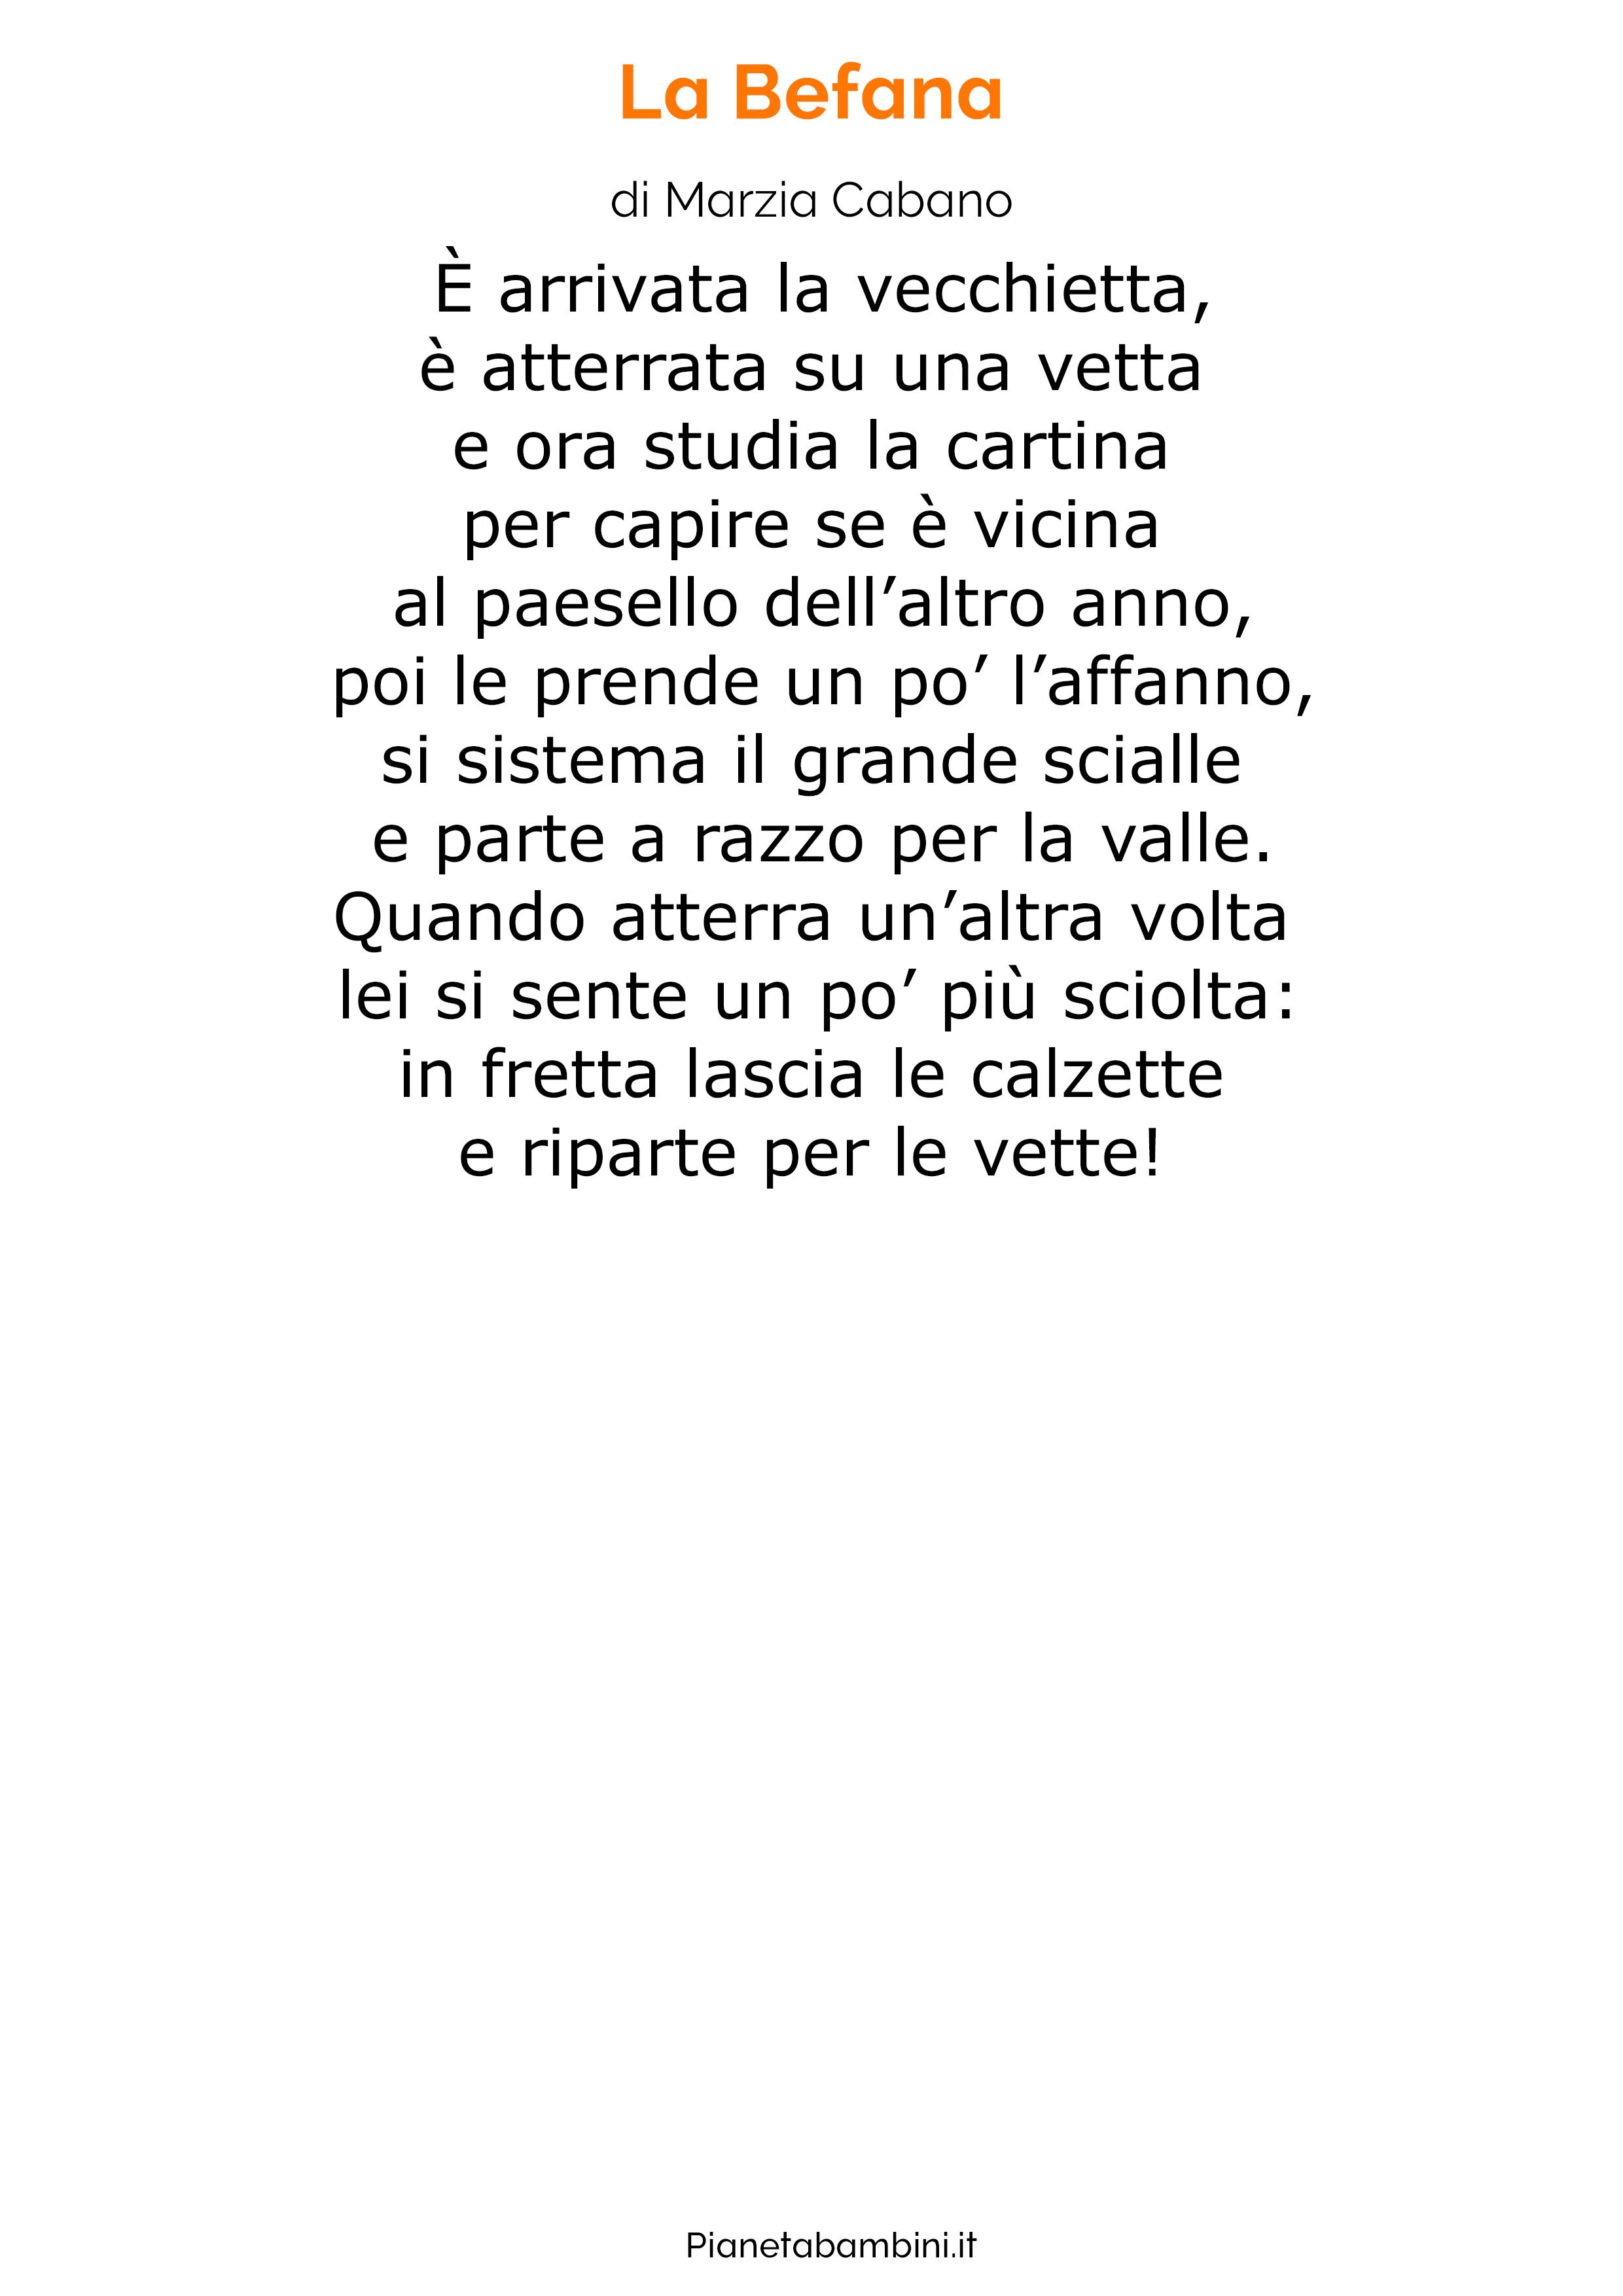 Poesia sulla Befana 11